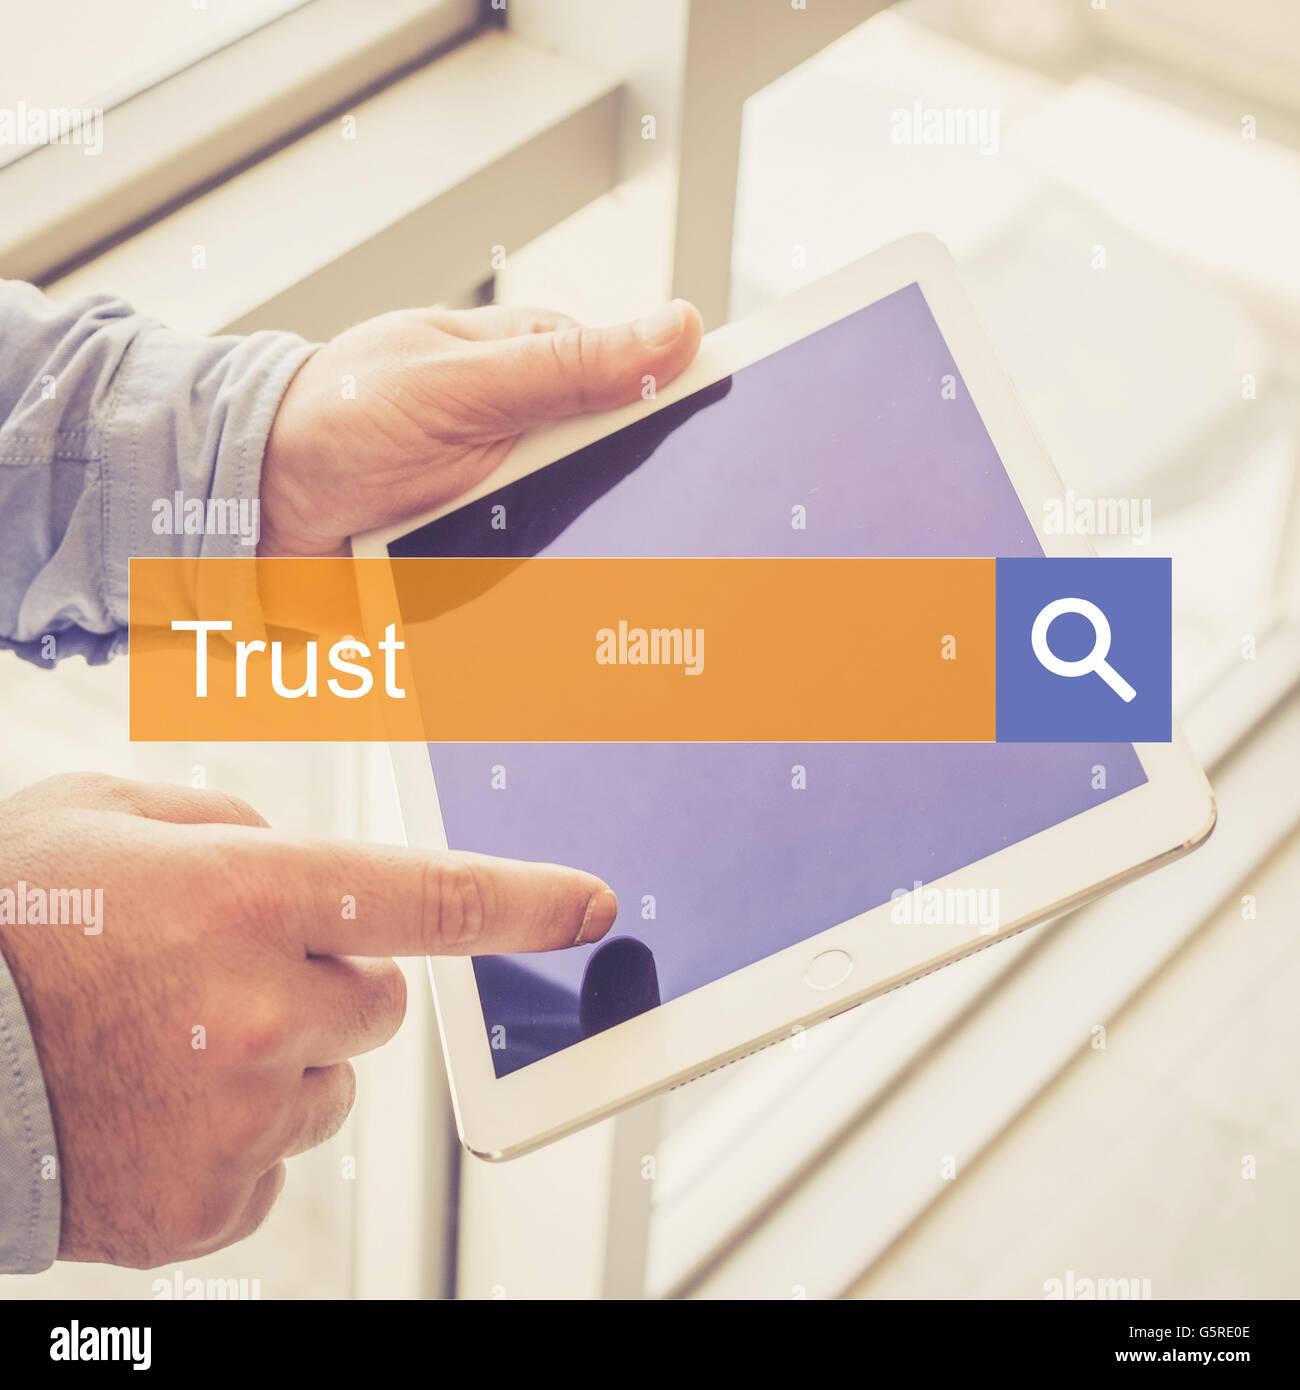 Suche Technologie Kommunikation Vertrauen TABLET Feststellung Konzept Stockfoto